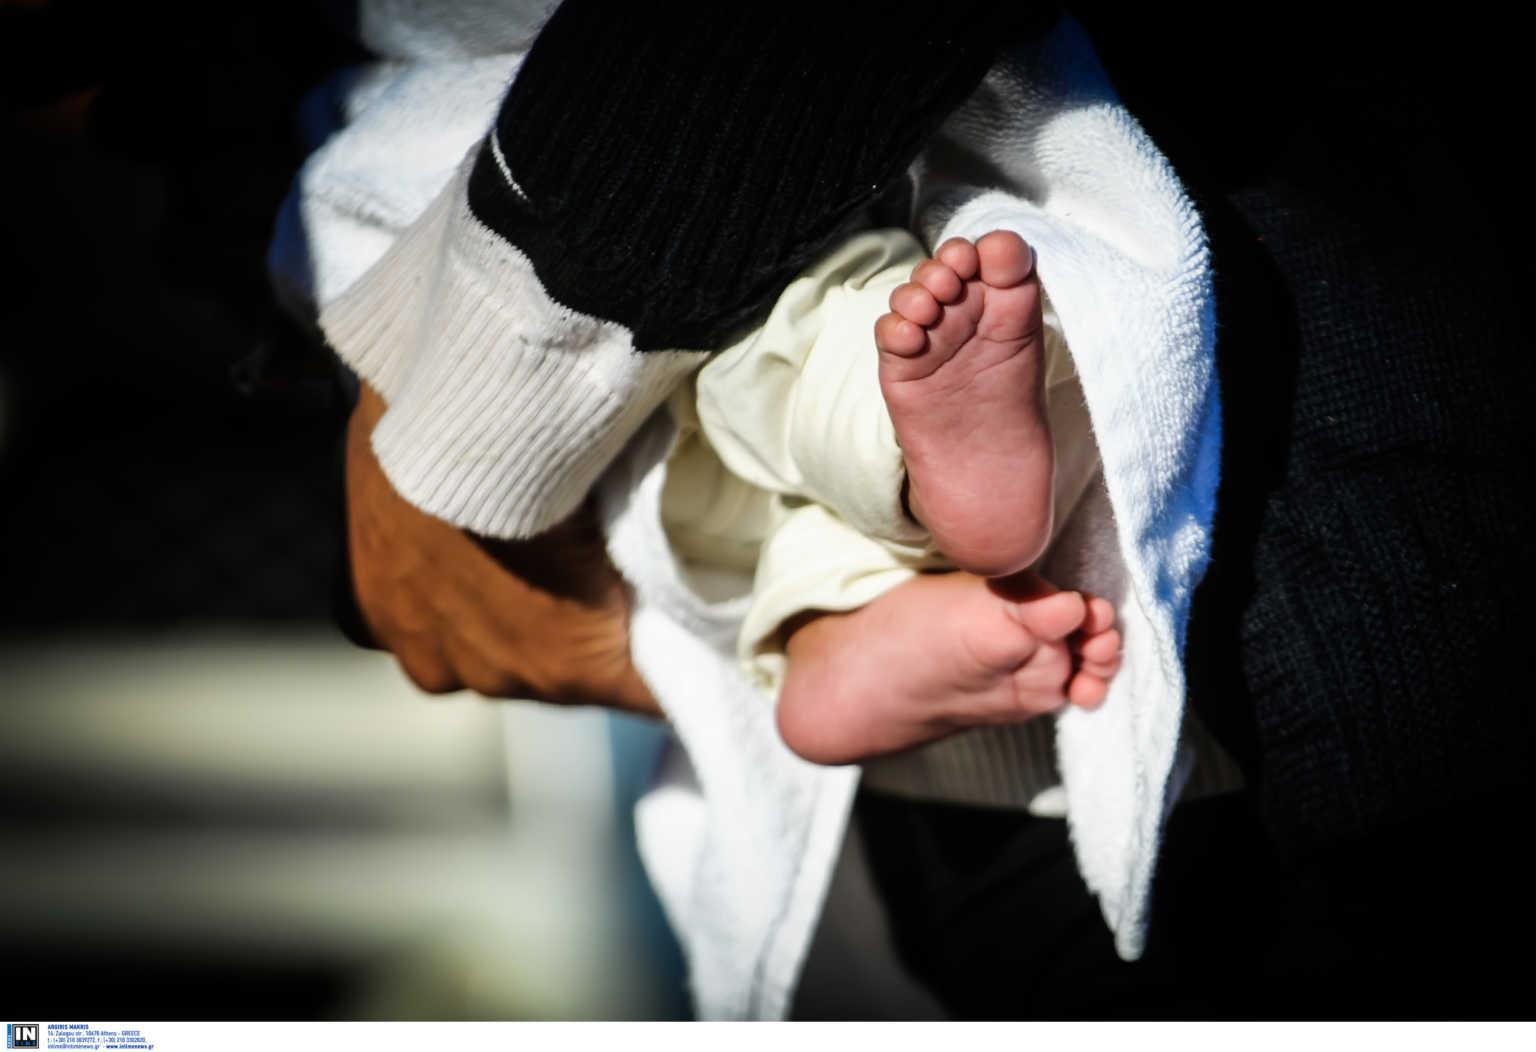 Σοκ στην Ρόδο – Βρέφος 7,5 μηνών θετικό στον κορονοϊό